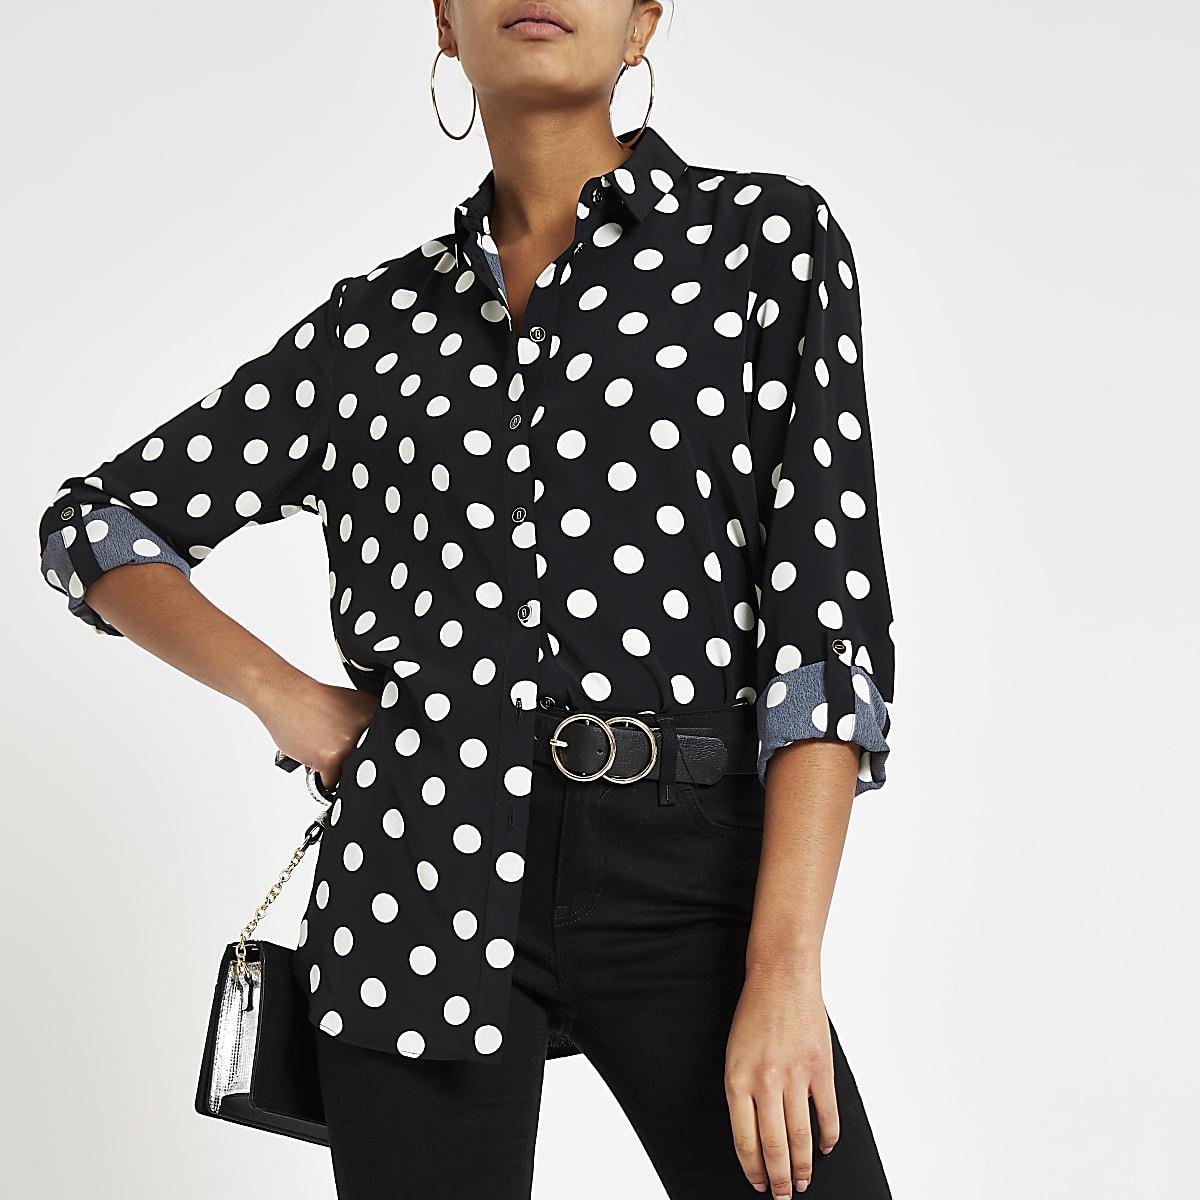 Zwart Overhemd Met Witte Stippen.Zwart Overhemd Met Stippen En Lange Mouwen Overhemden Tops Dames